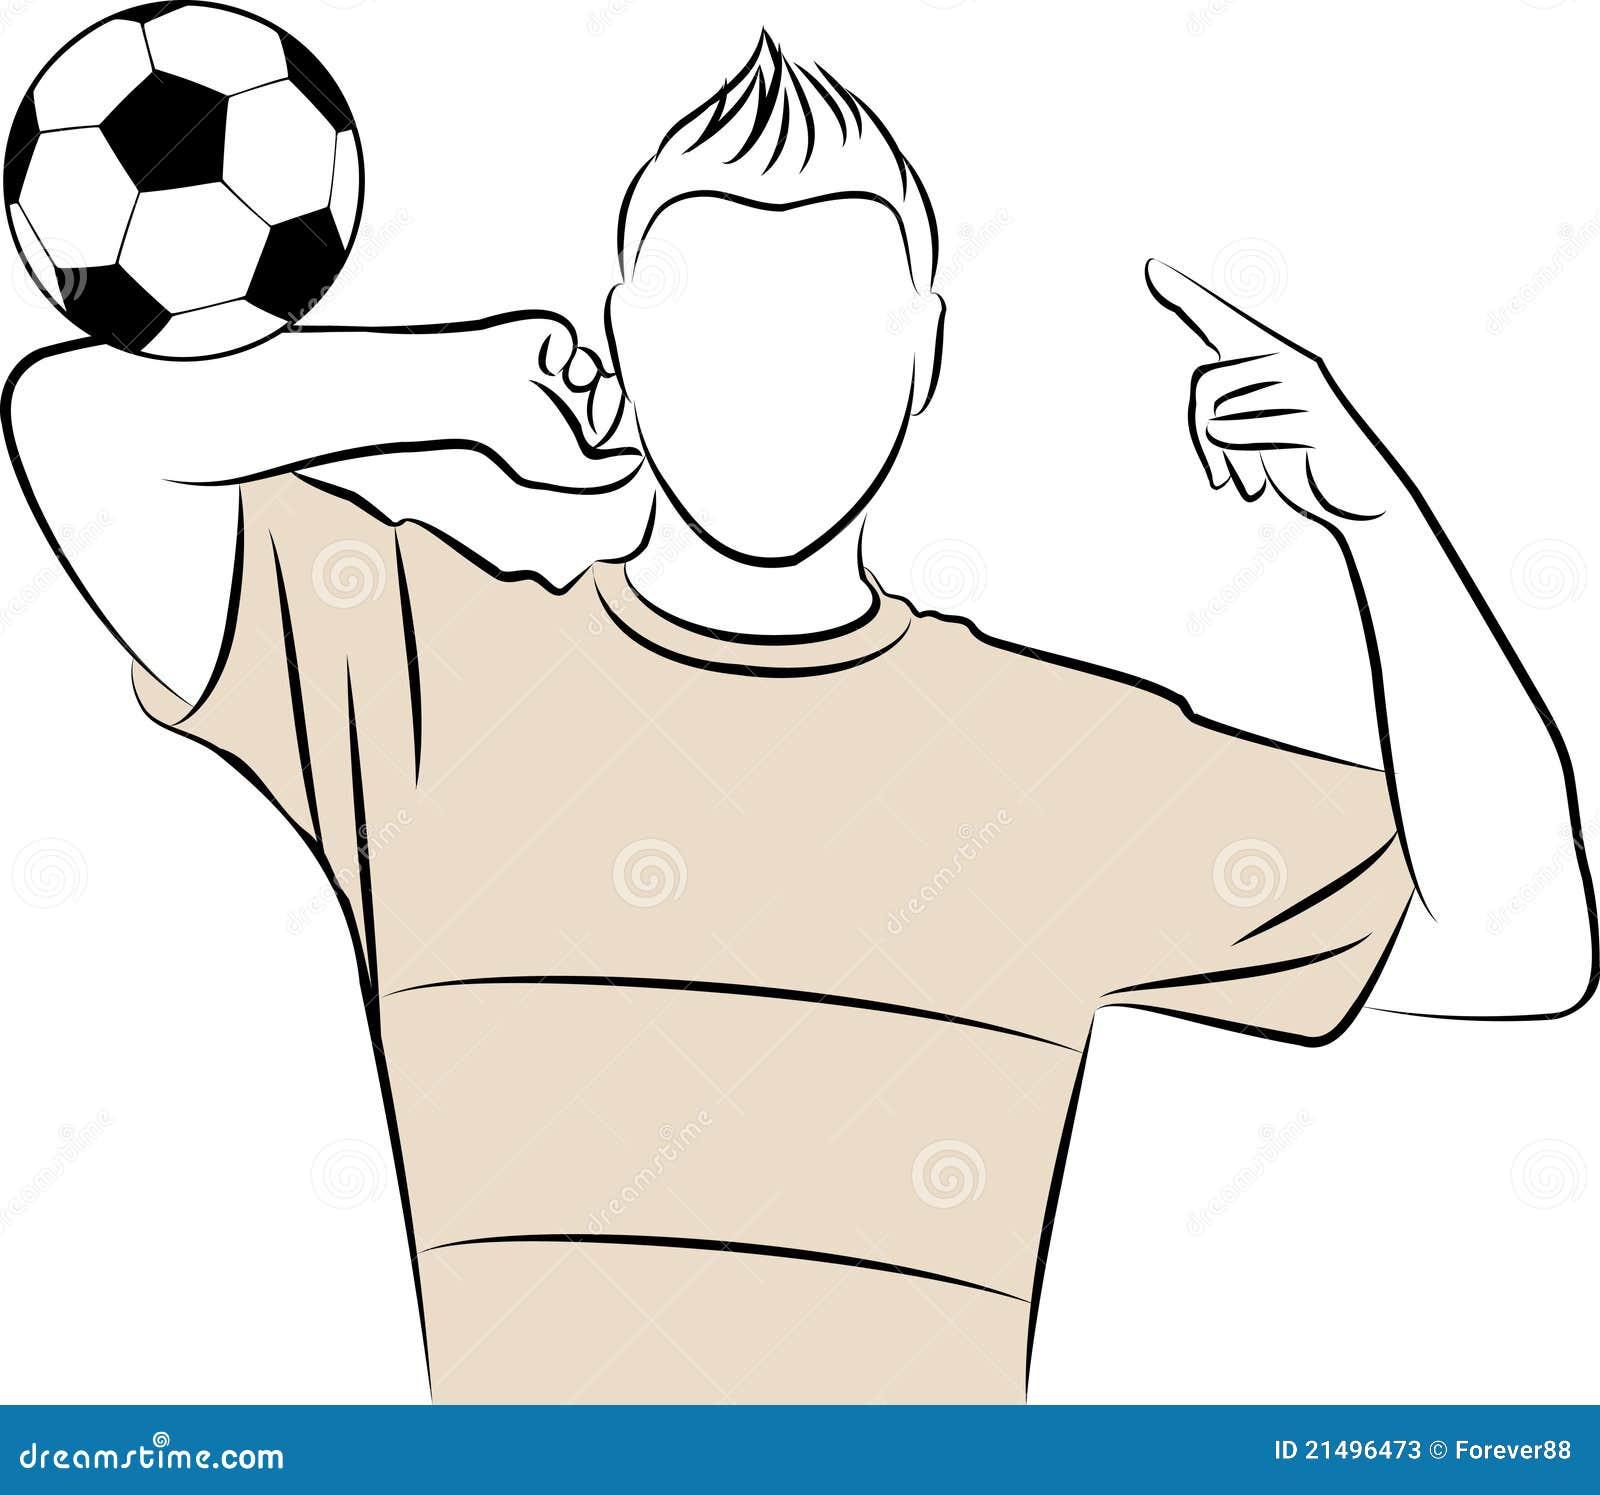 l 39 homme sportif de dessin anim joue au football illustration de vecteur illustration du h te. Black Bedroom Furniture Sets. Home Design Ideas